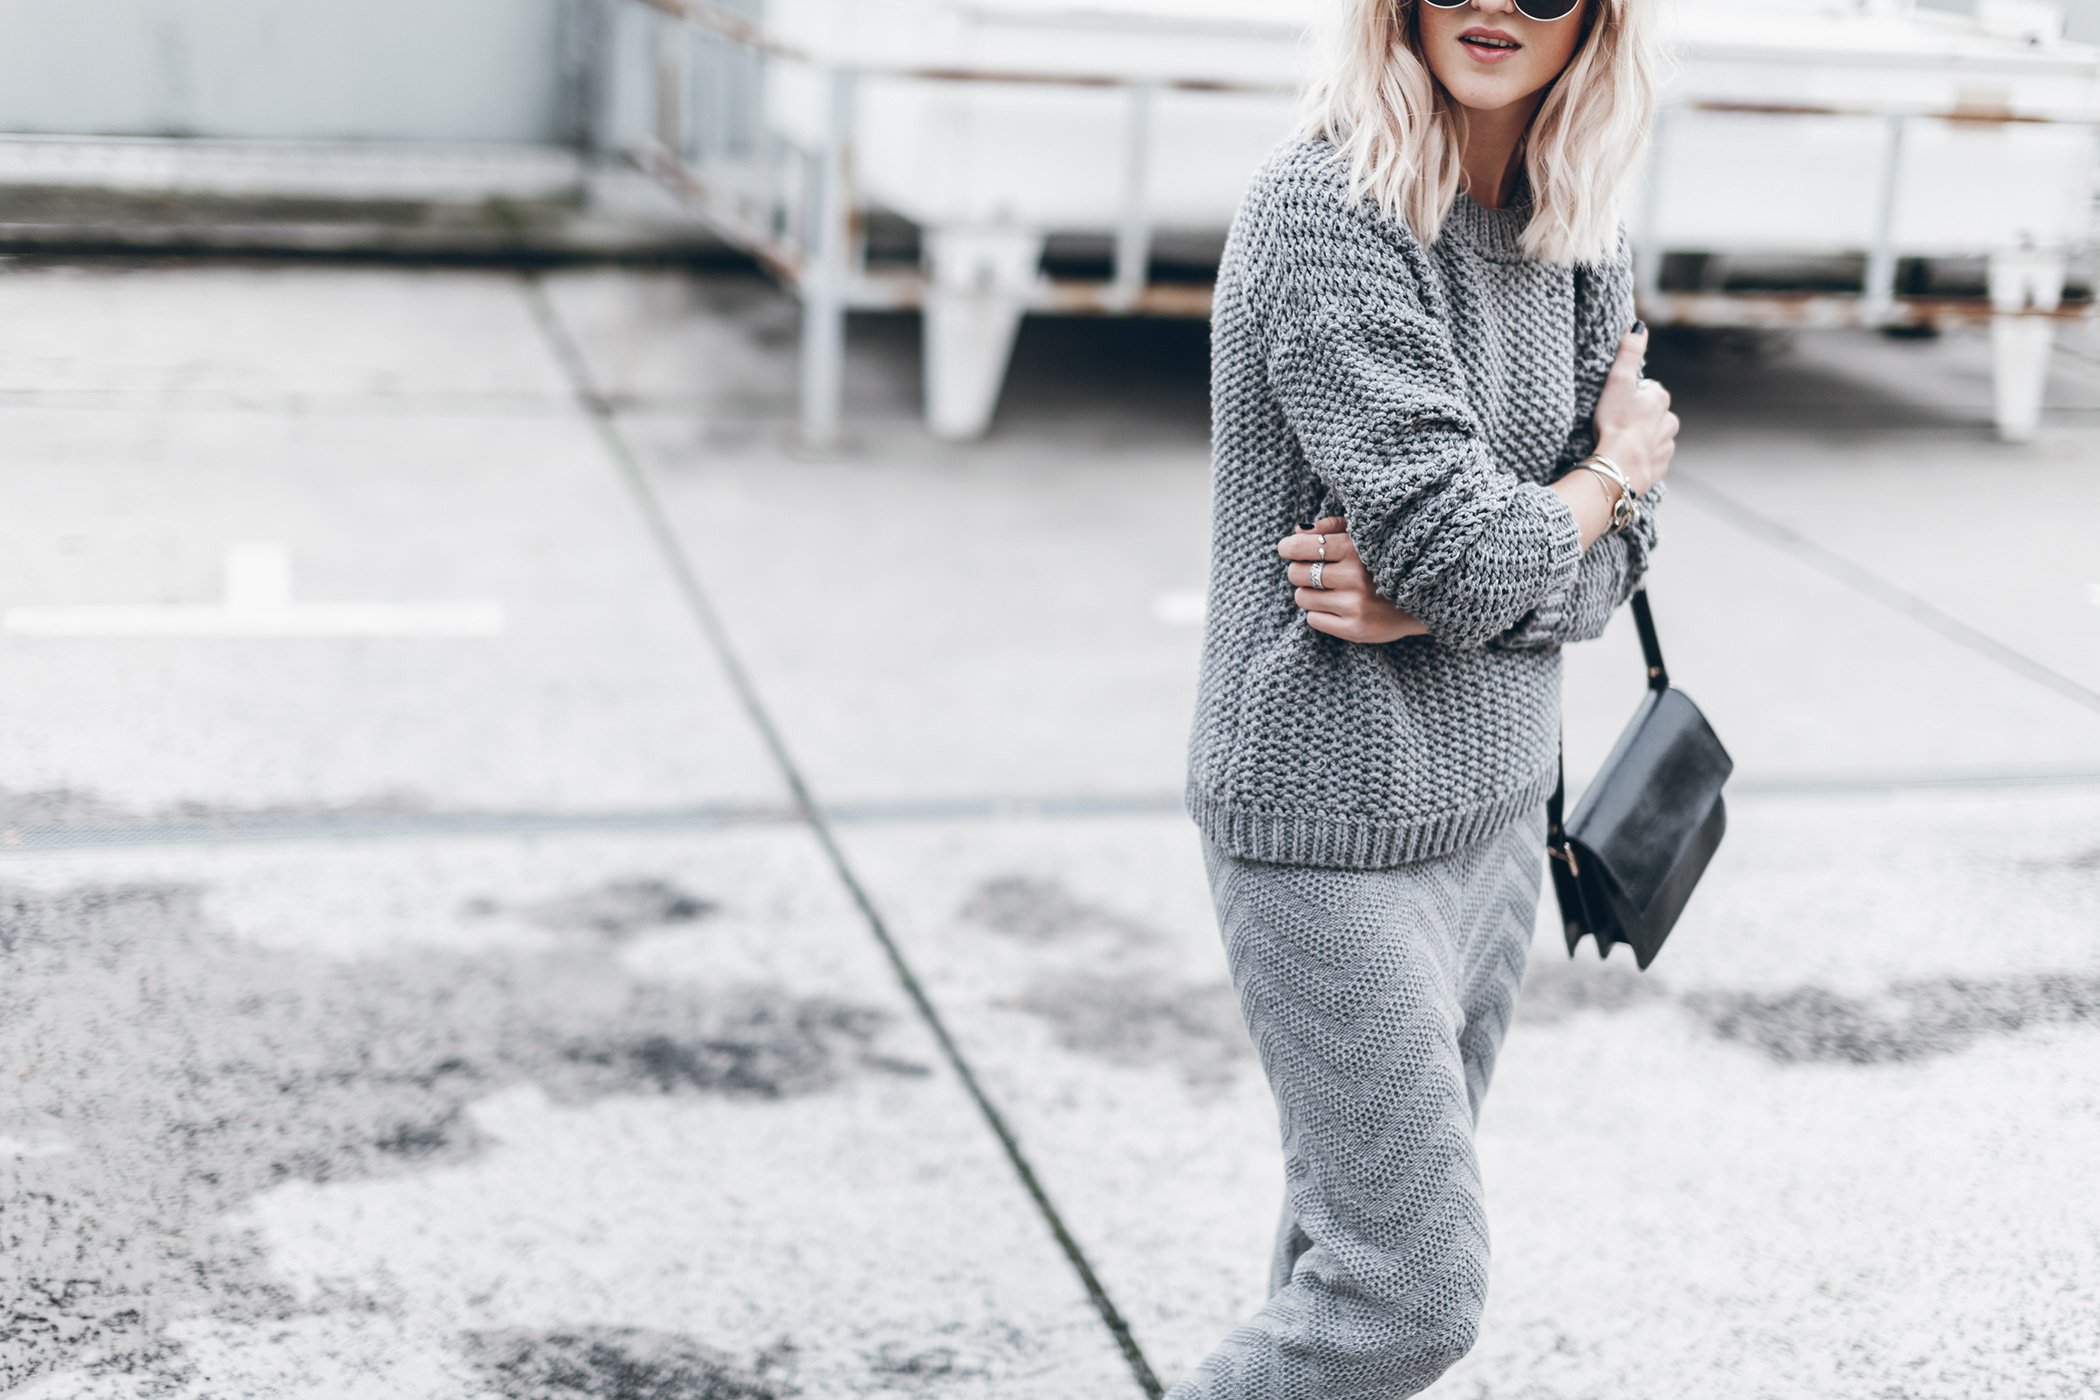 mikuta-vivian-graf-grey-knit-13